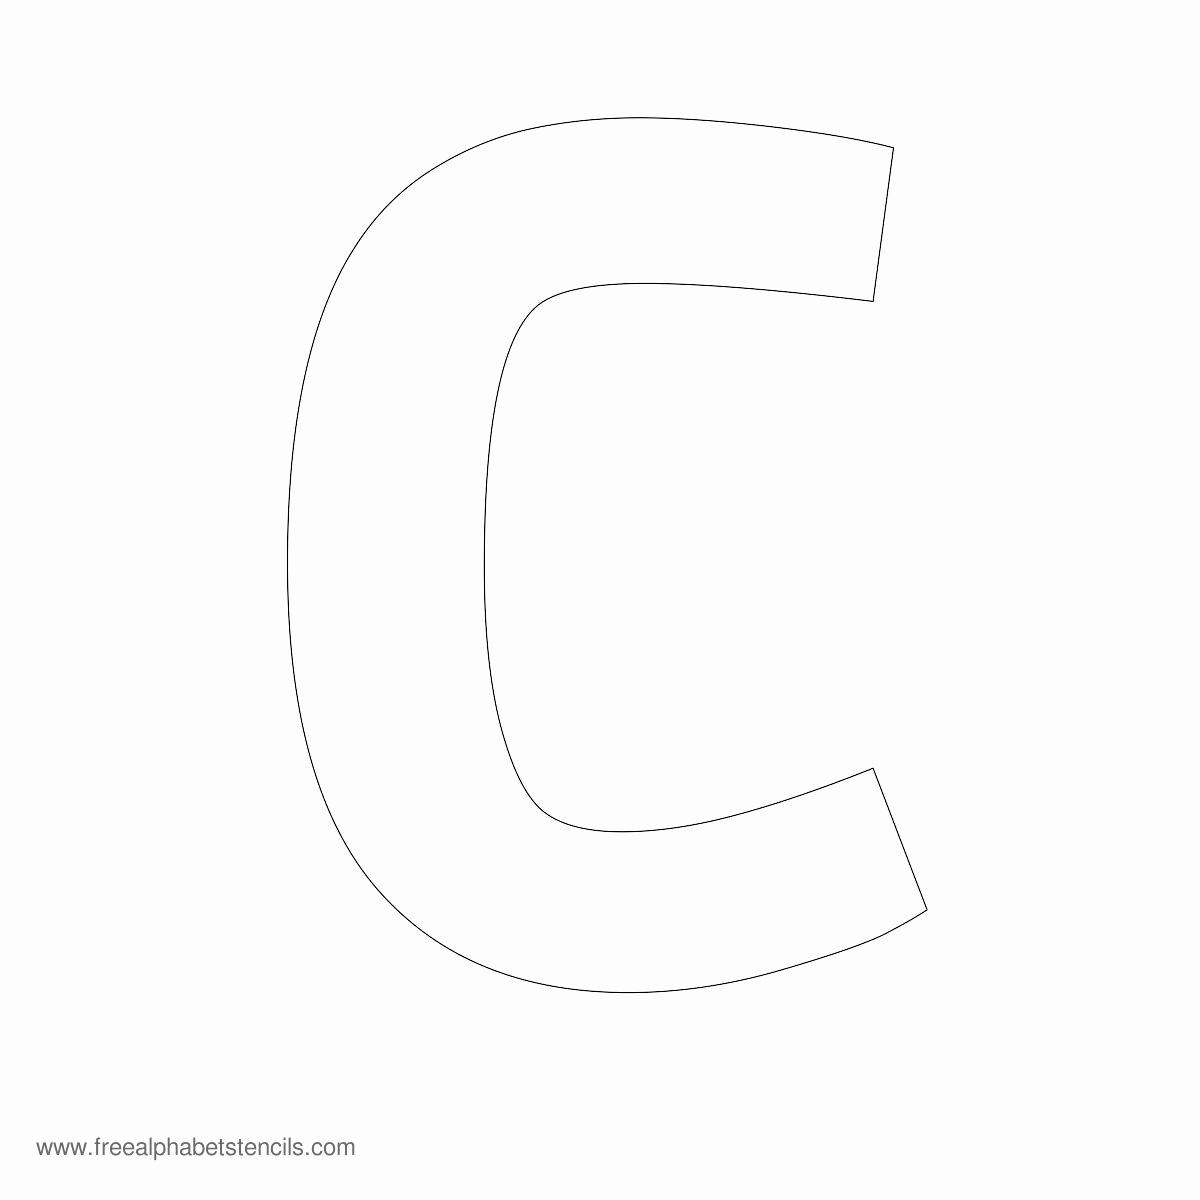 Lettering Stencils to Print Luxury Alphabet Stencils